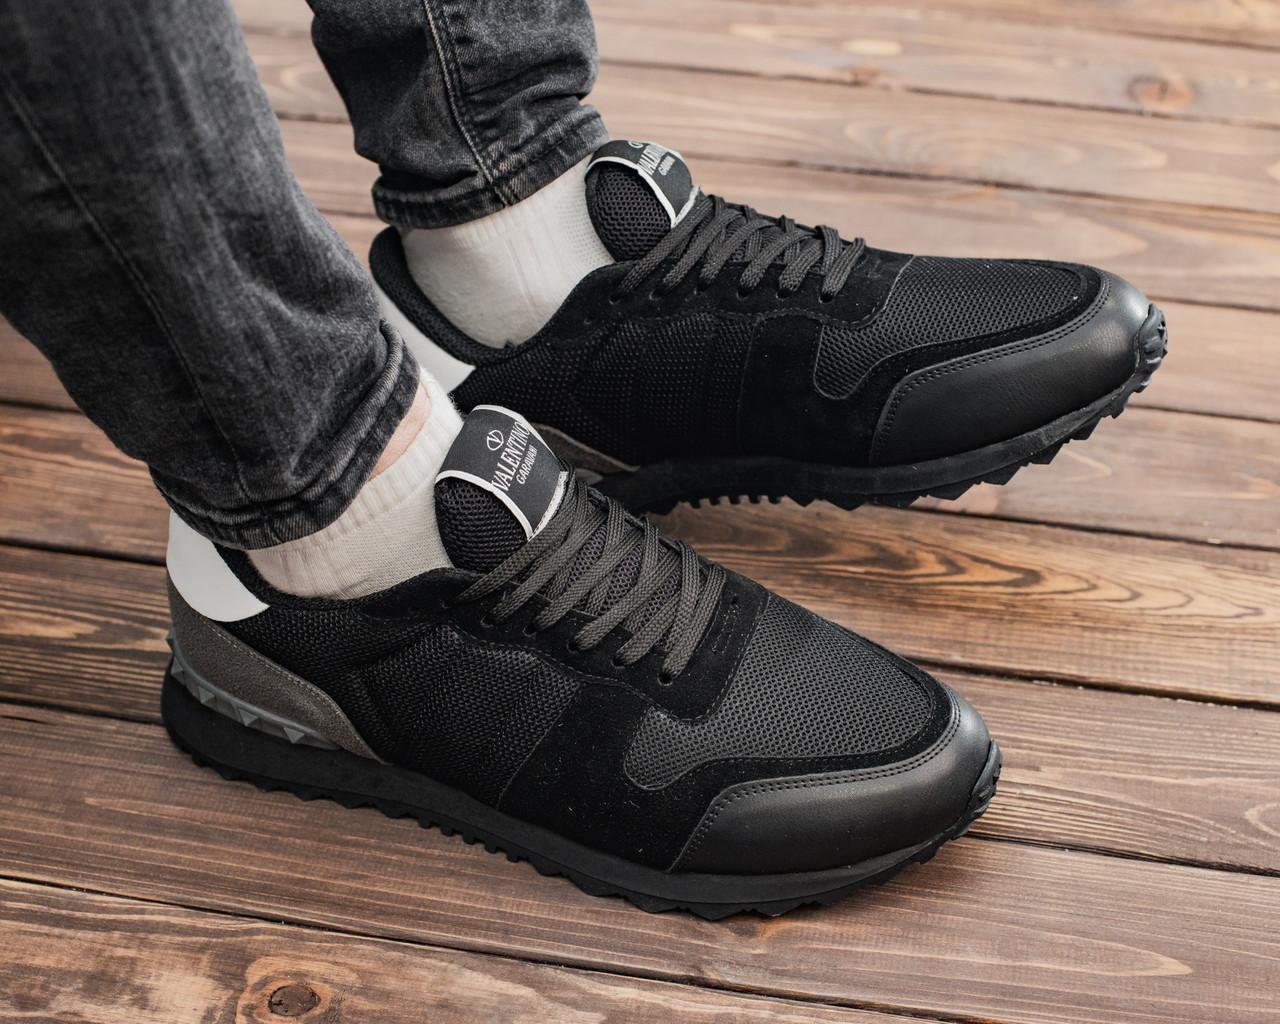 Мужские кроссовки Valentino 2019, мужские кроссовки валентино 2019 ( 41,42 размеры в наличии)